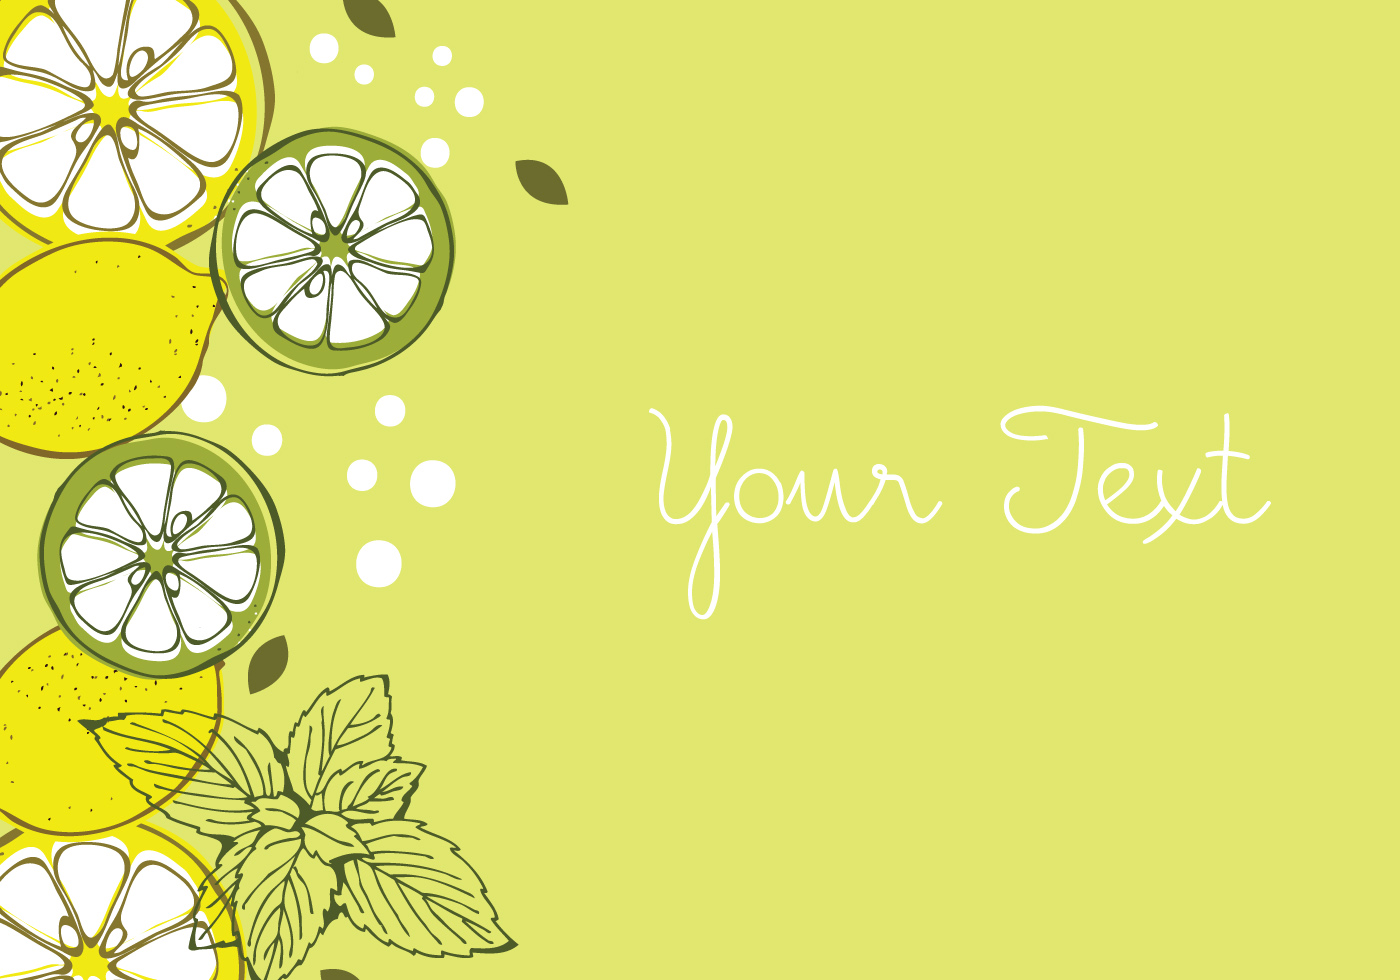 lemon background design download free vectors clipart graphics vector art https www vecteezy com vector art 94679 lemon background design